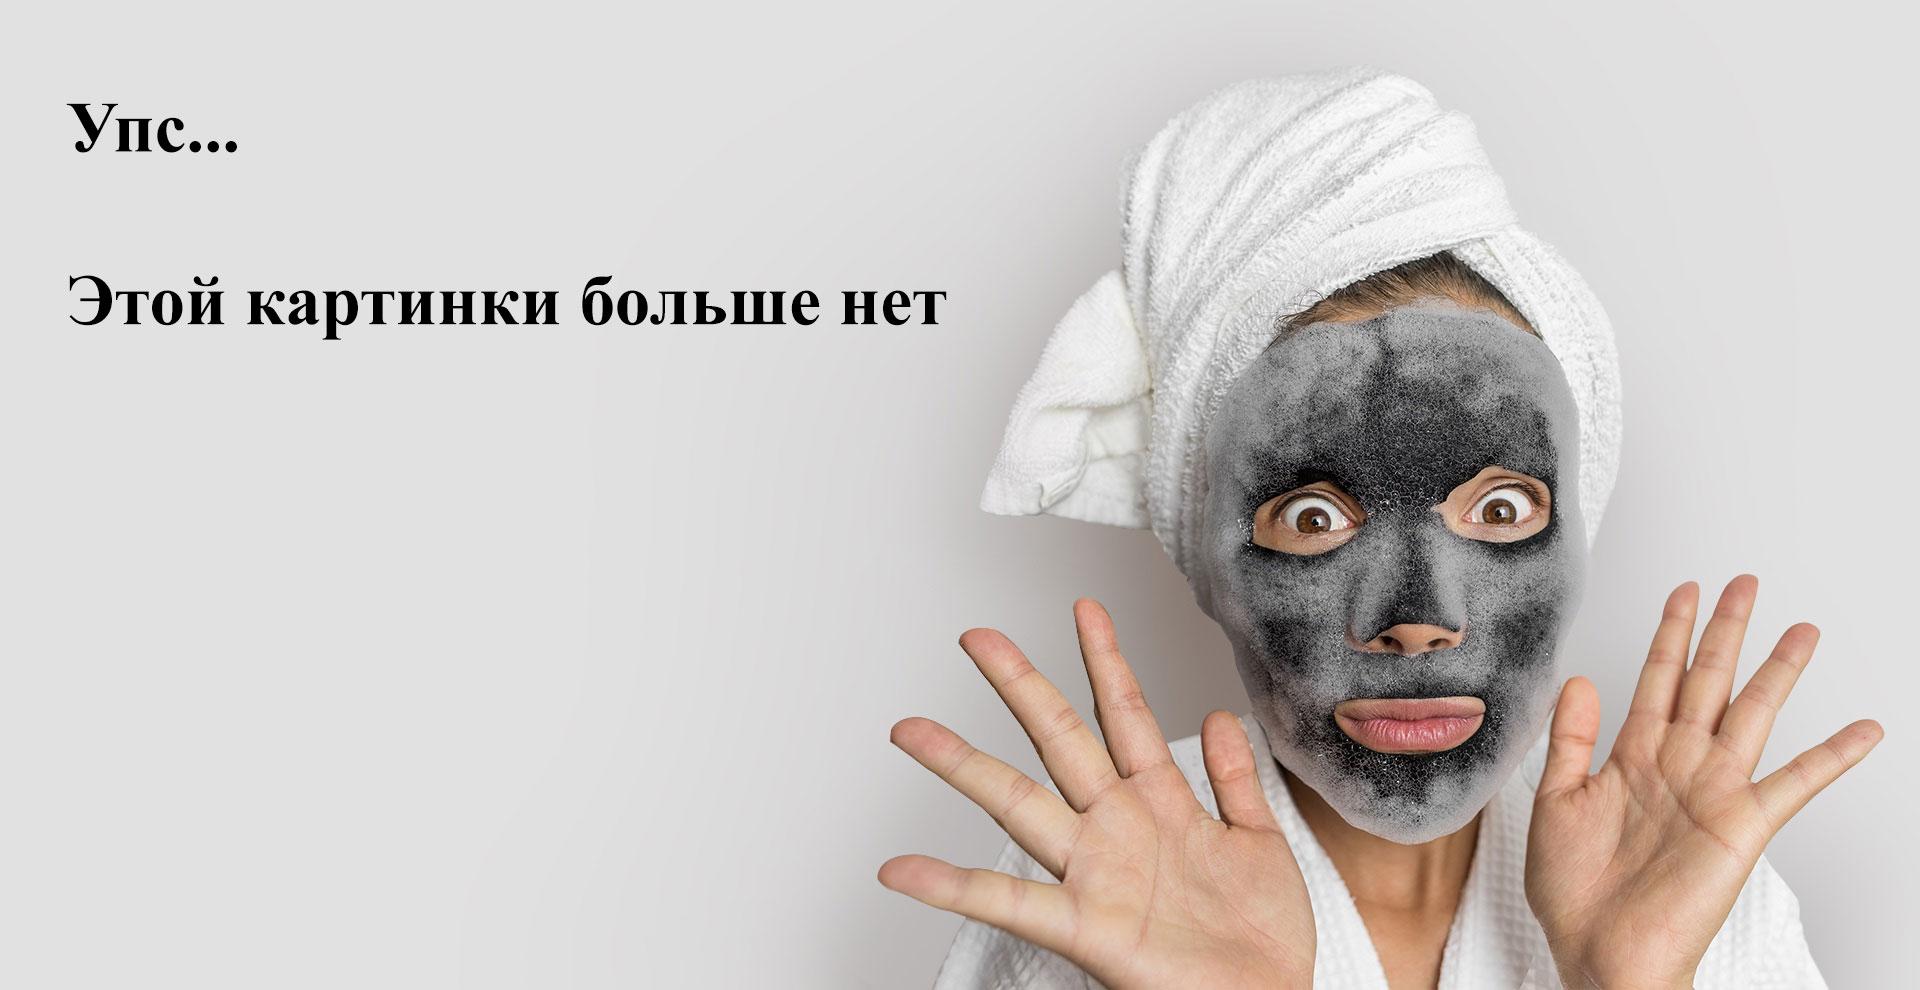 Siberina, Гидрофильное масло для умывания «Снятие макияжа и увлажнение кожи», 100 мл